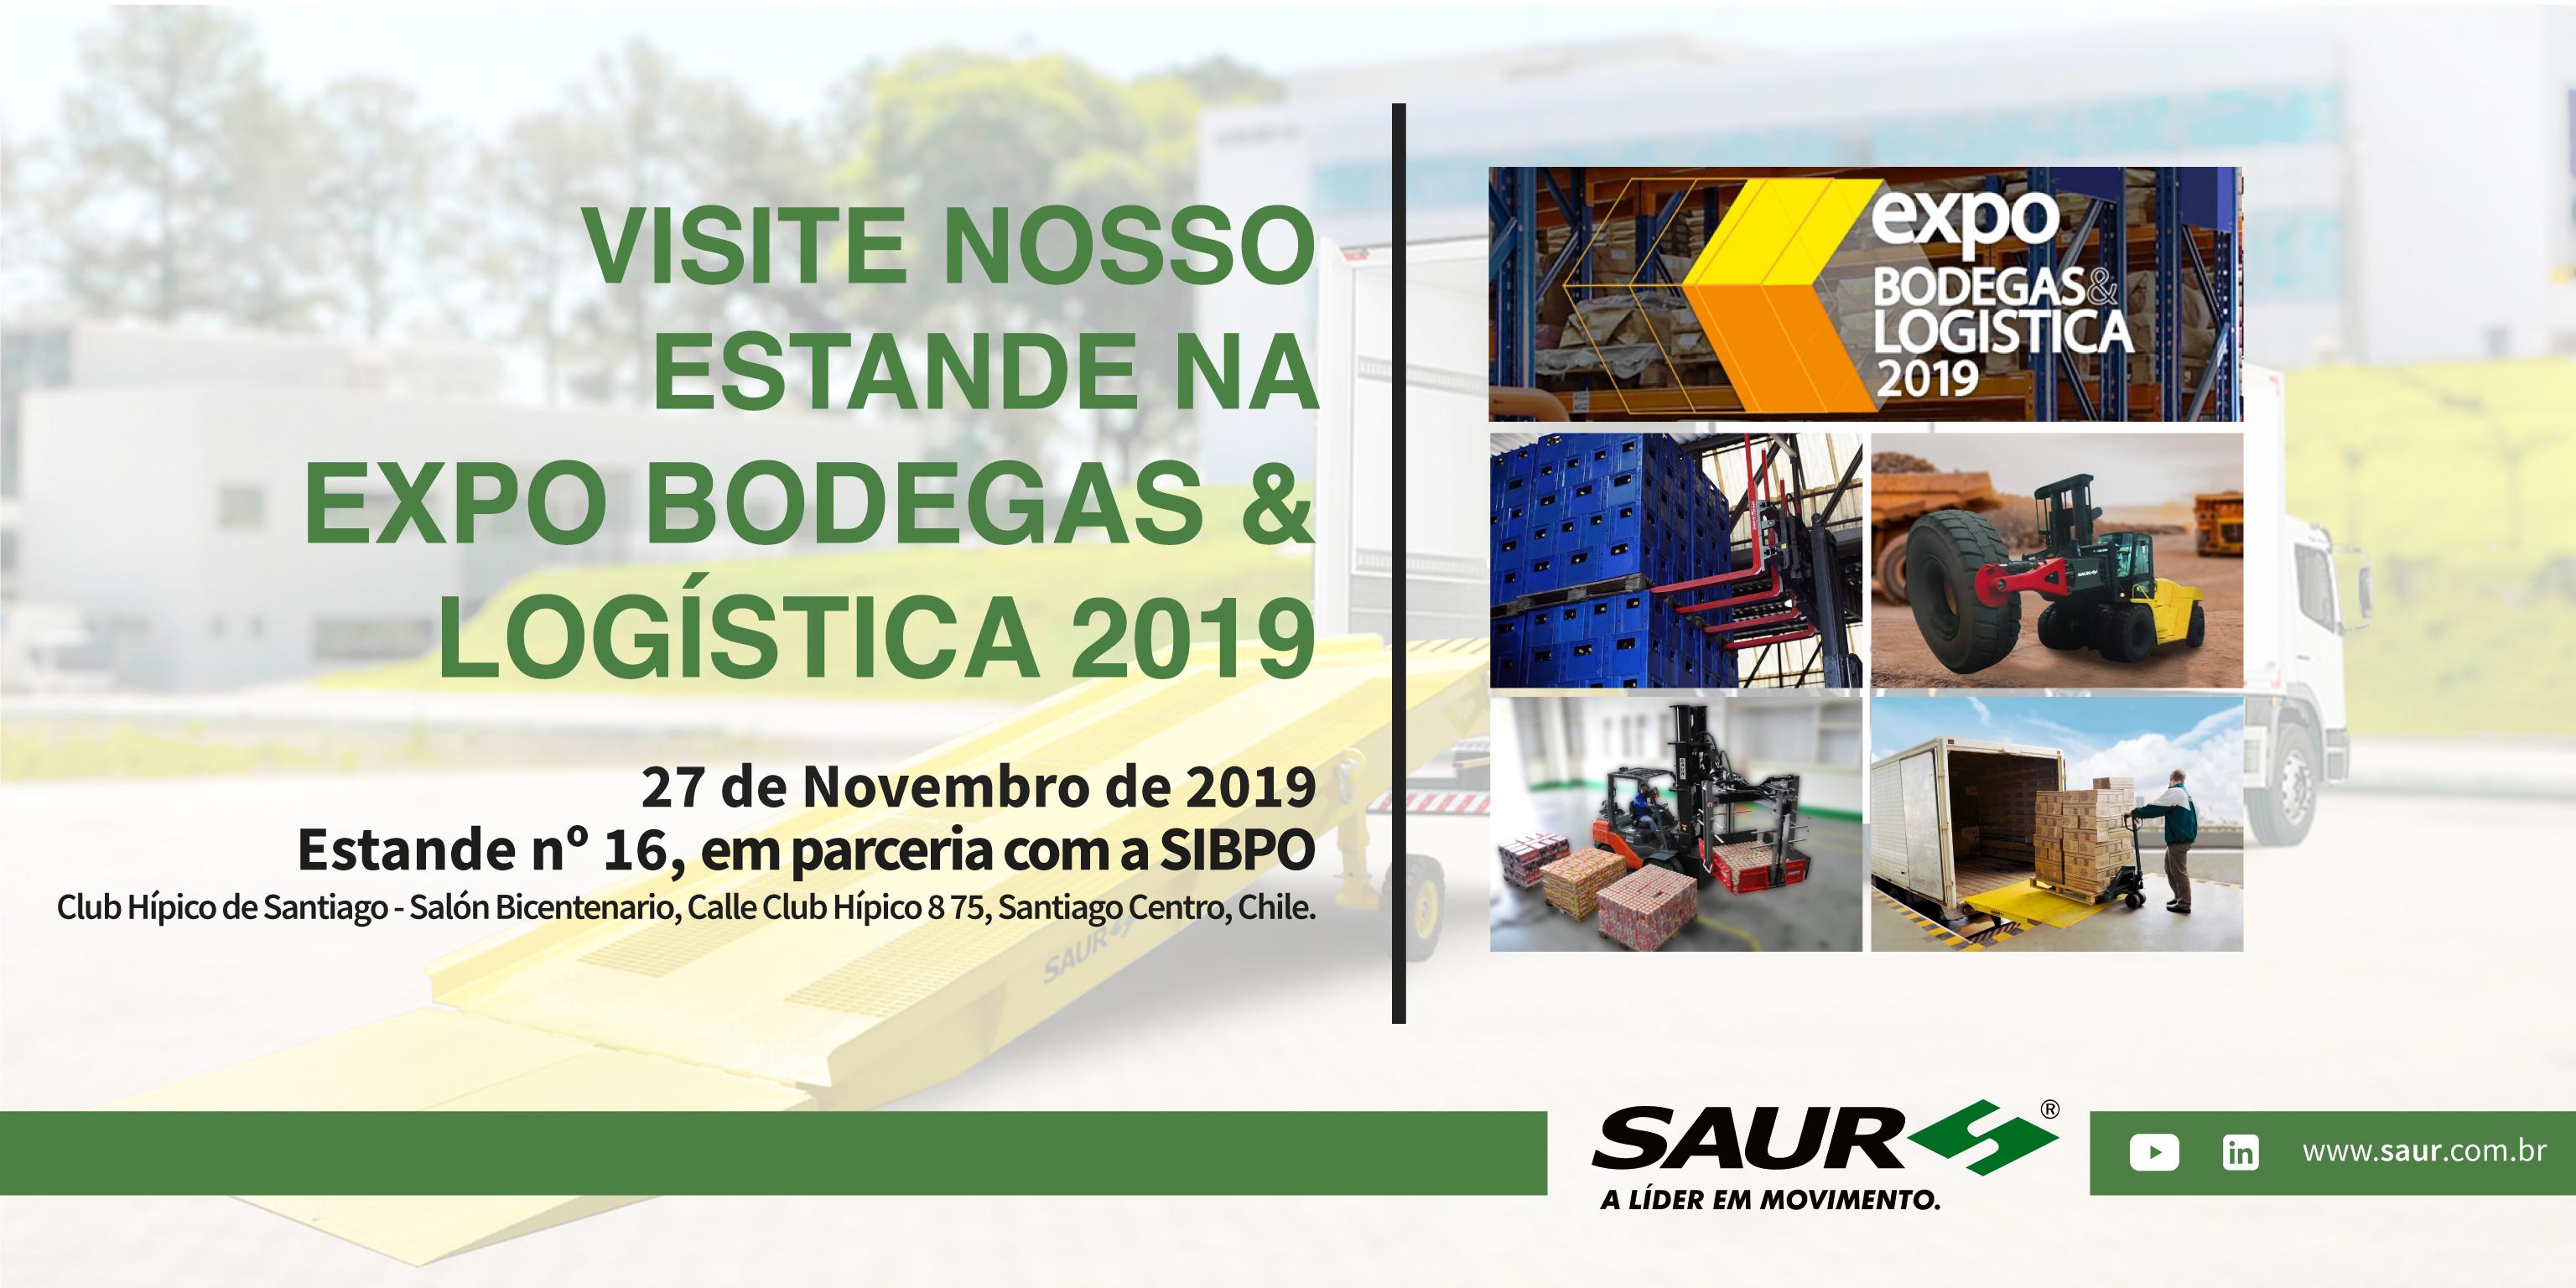 VISITE-NOS NA EXPO BODEGAS & LOGÍSTICA 2019